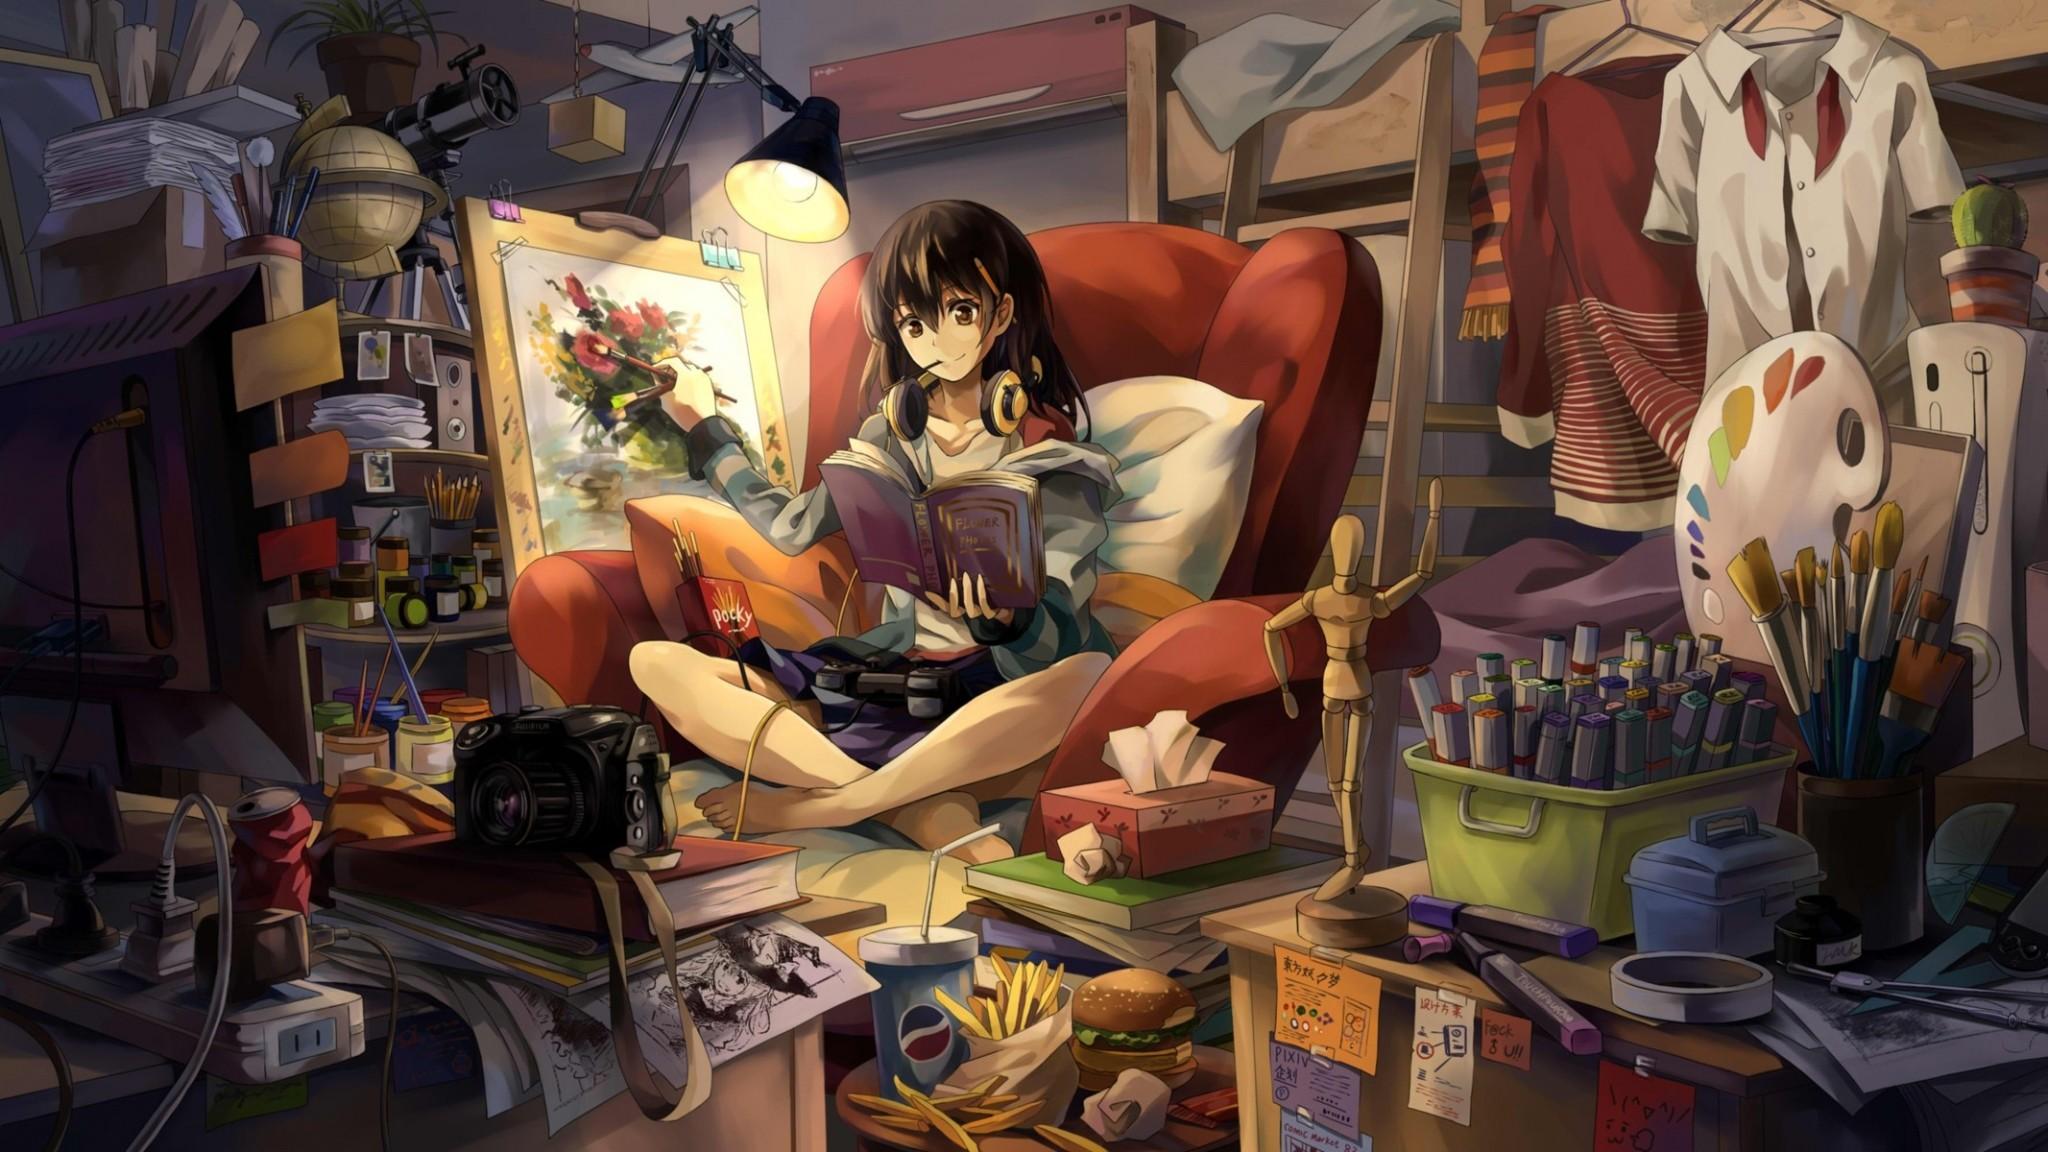 Preview wallpaper neko, yanshoujie, room, girl, graphic, hand, headphones,